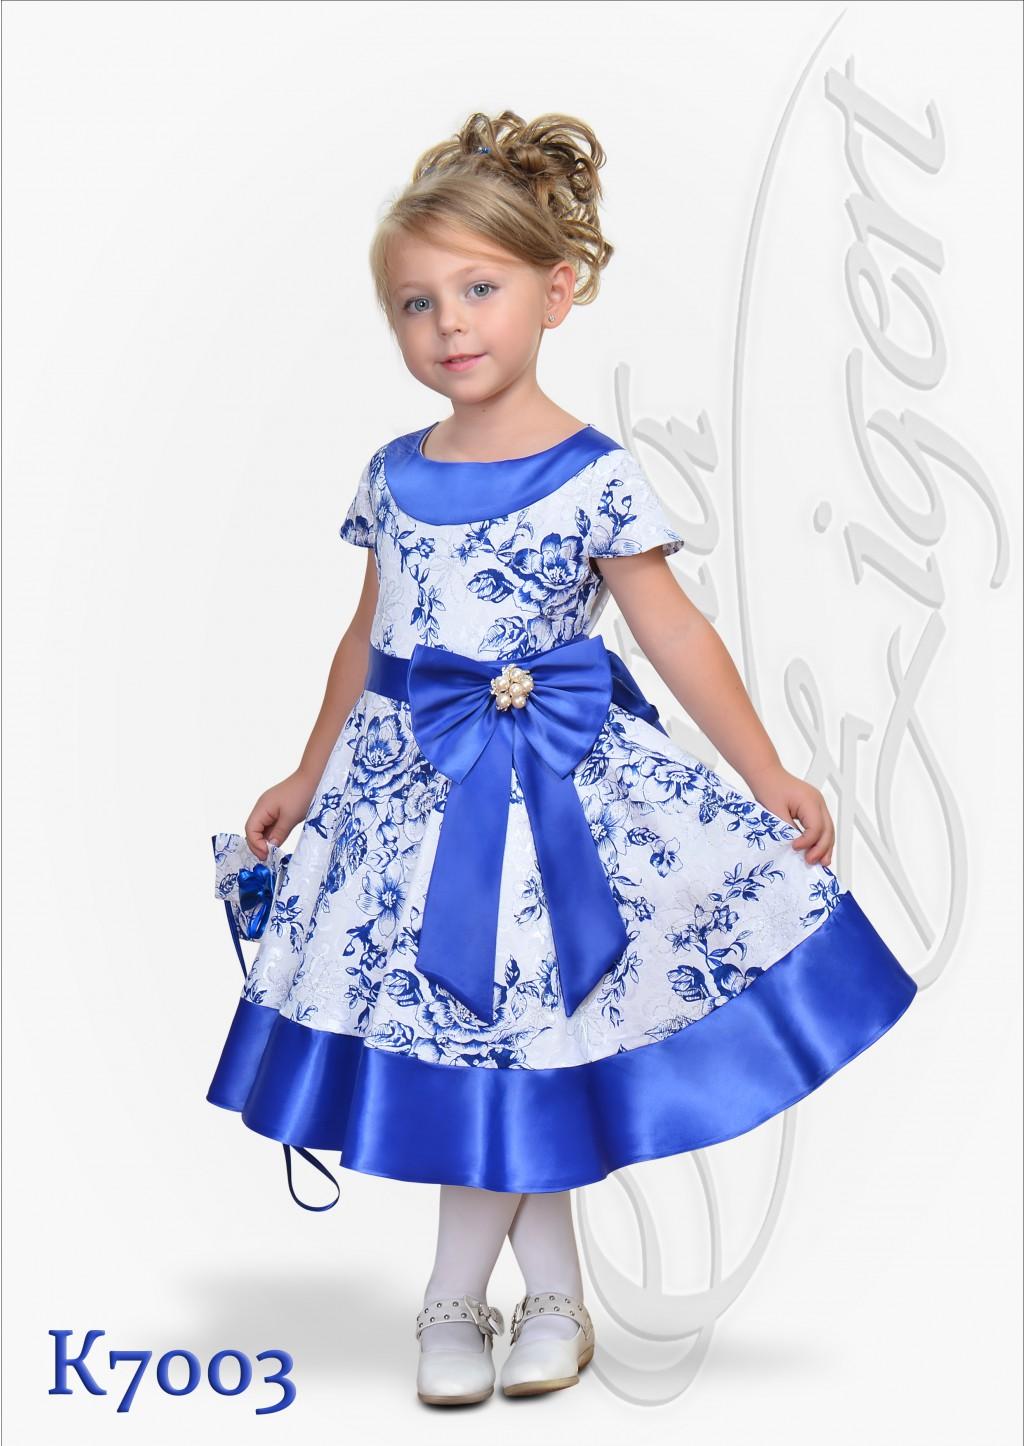 РЕКОМЕНДУЮ! Платья сказочной красоты для наших принцесс! Огромный выбор, на любой вкус и кошелек! Размеры от 90 до 140